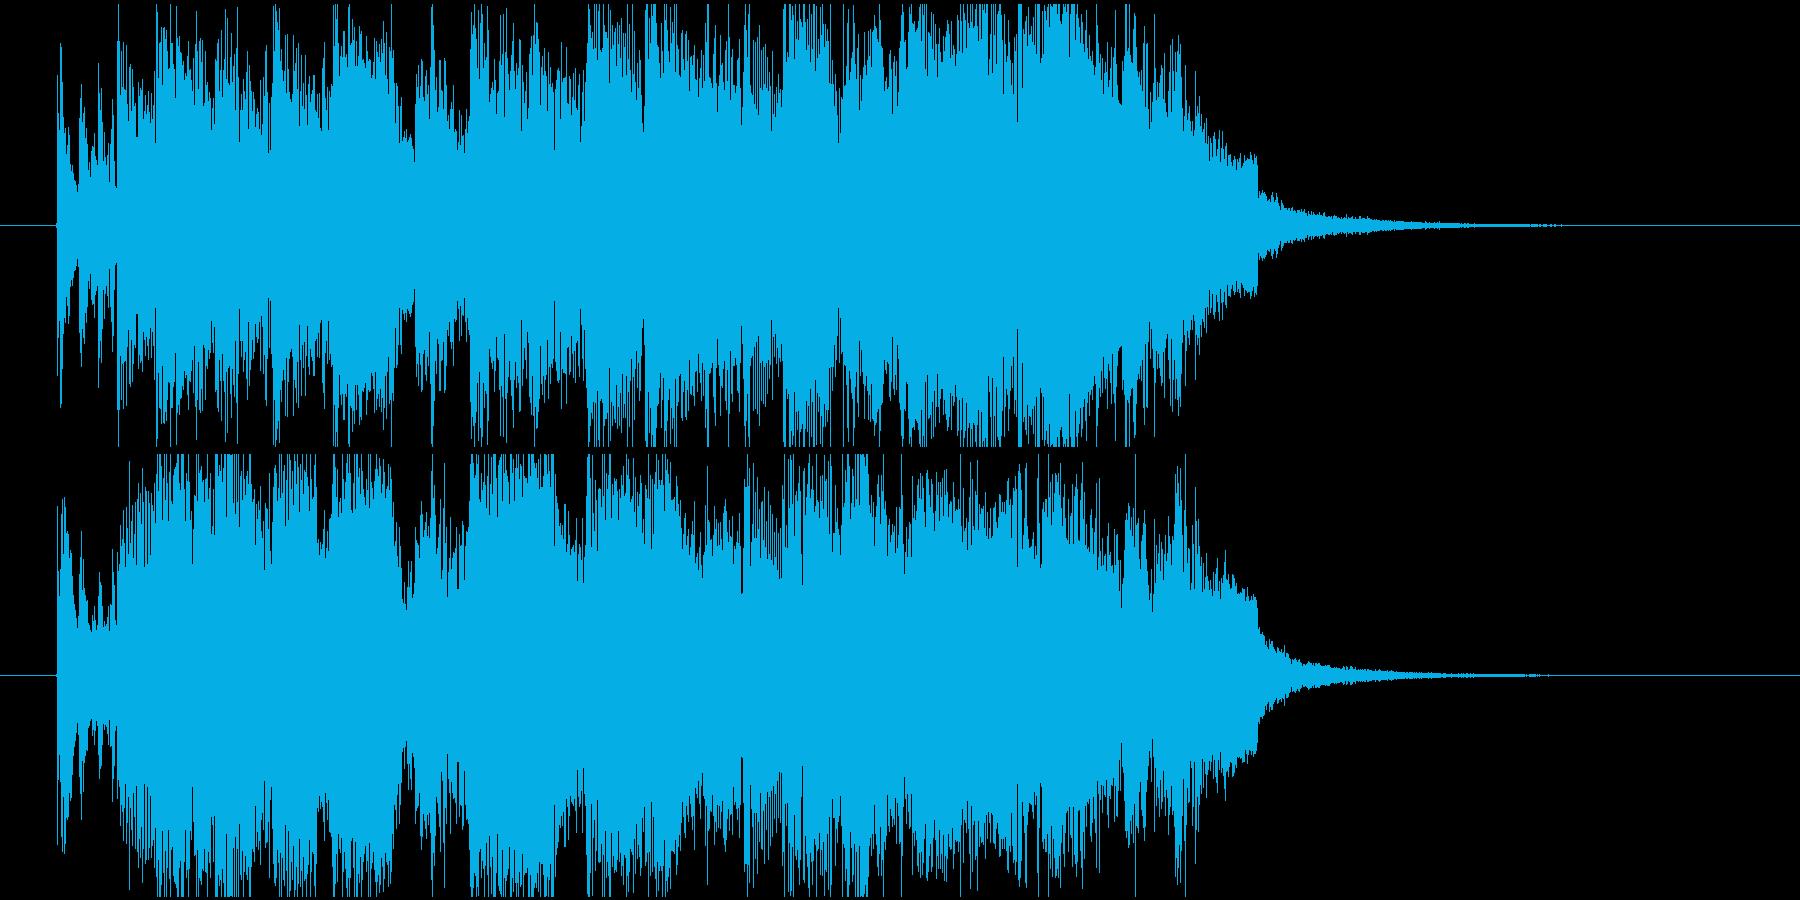 ジャズジングル、ピアノトリオ、クールの再生済みの波形